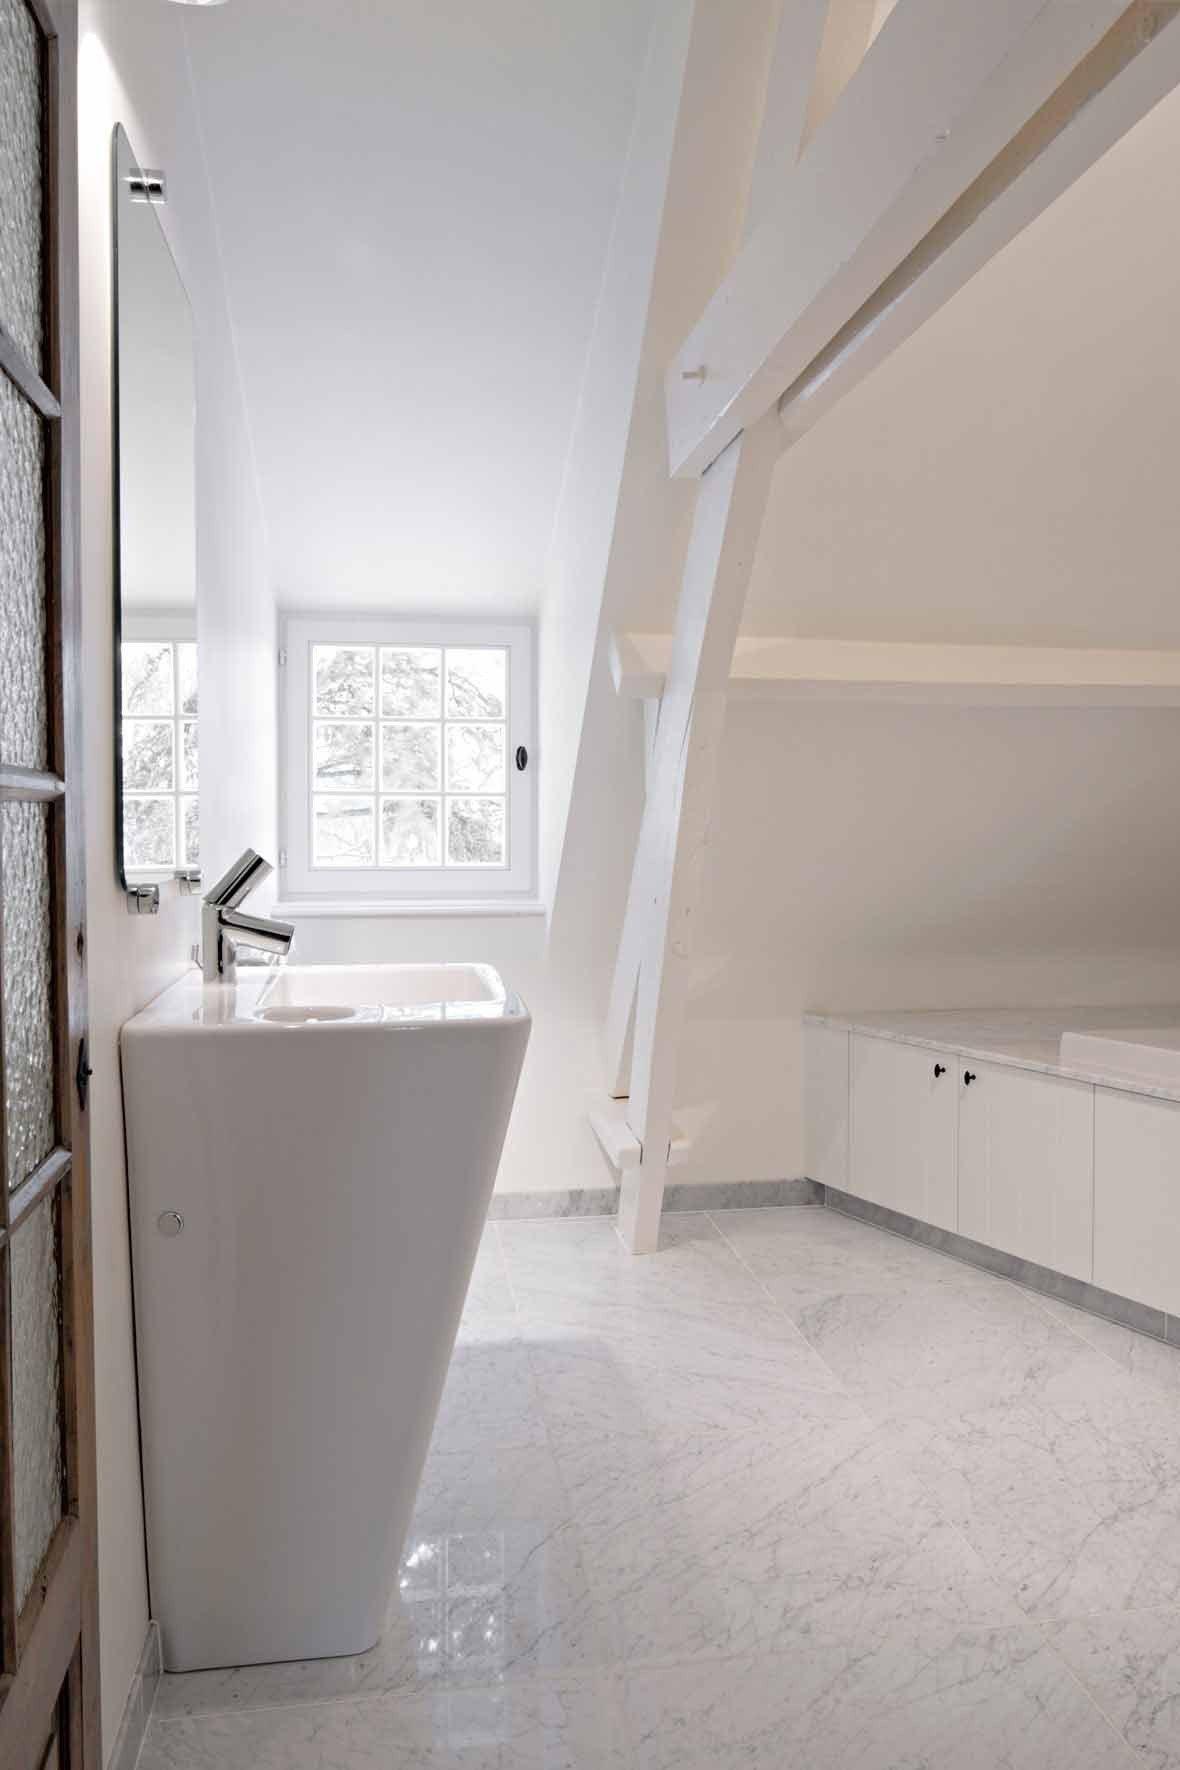 Totaalinrichting-badkamer-landelijk-Geluwe-2.jpg